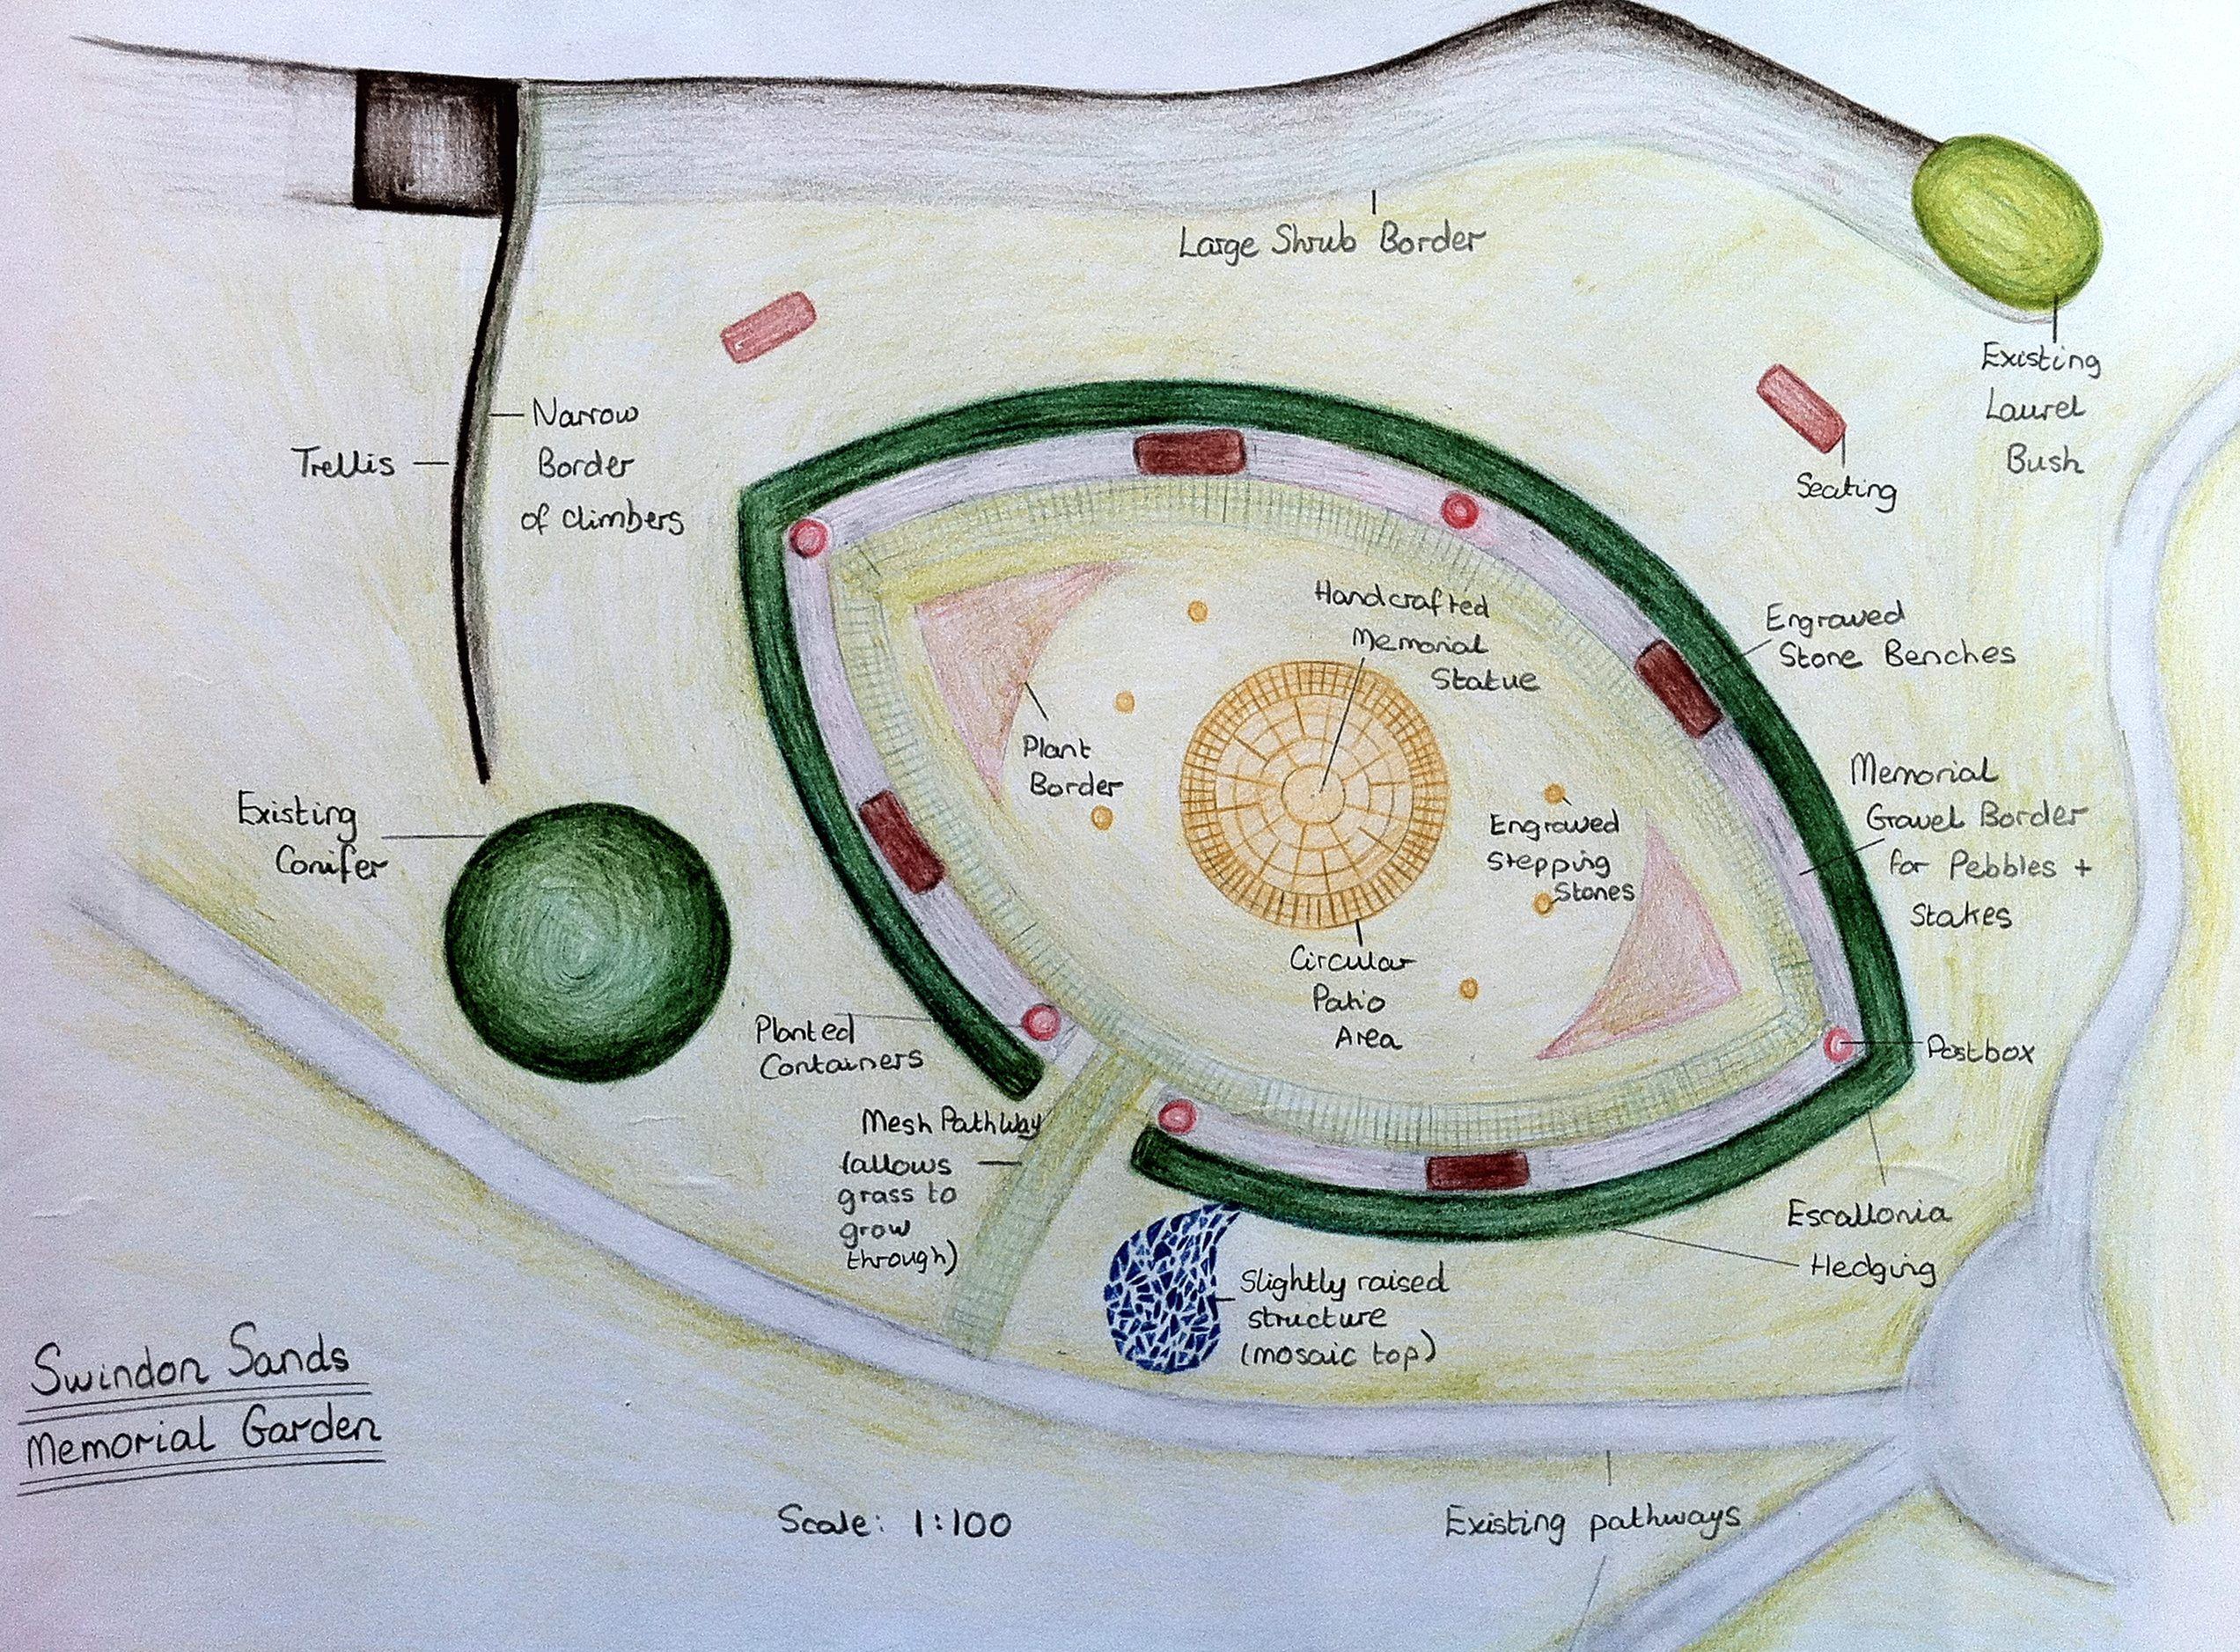 Memorial Garden Plan